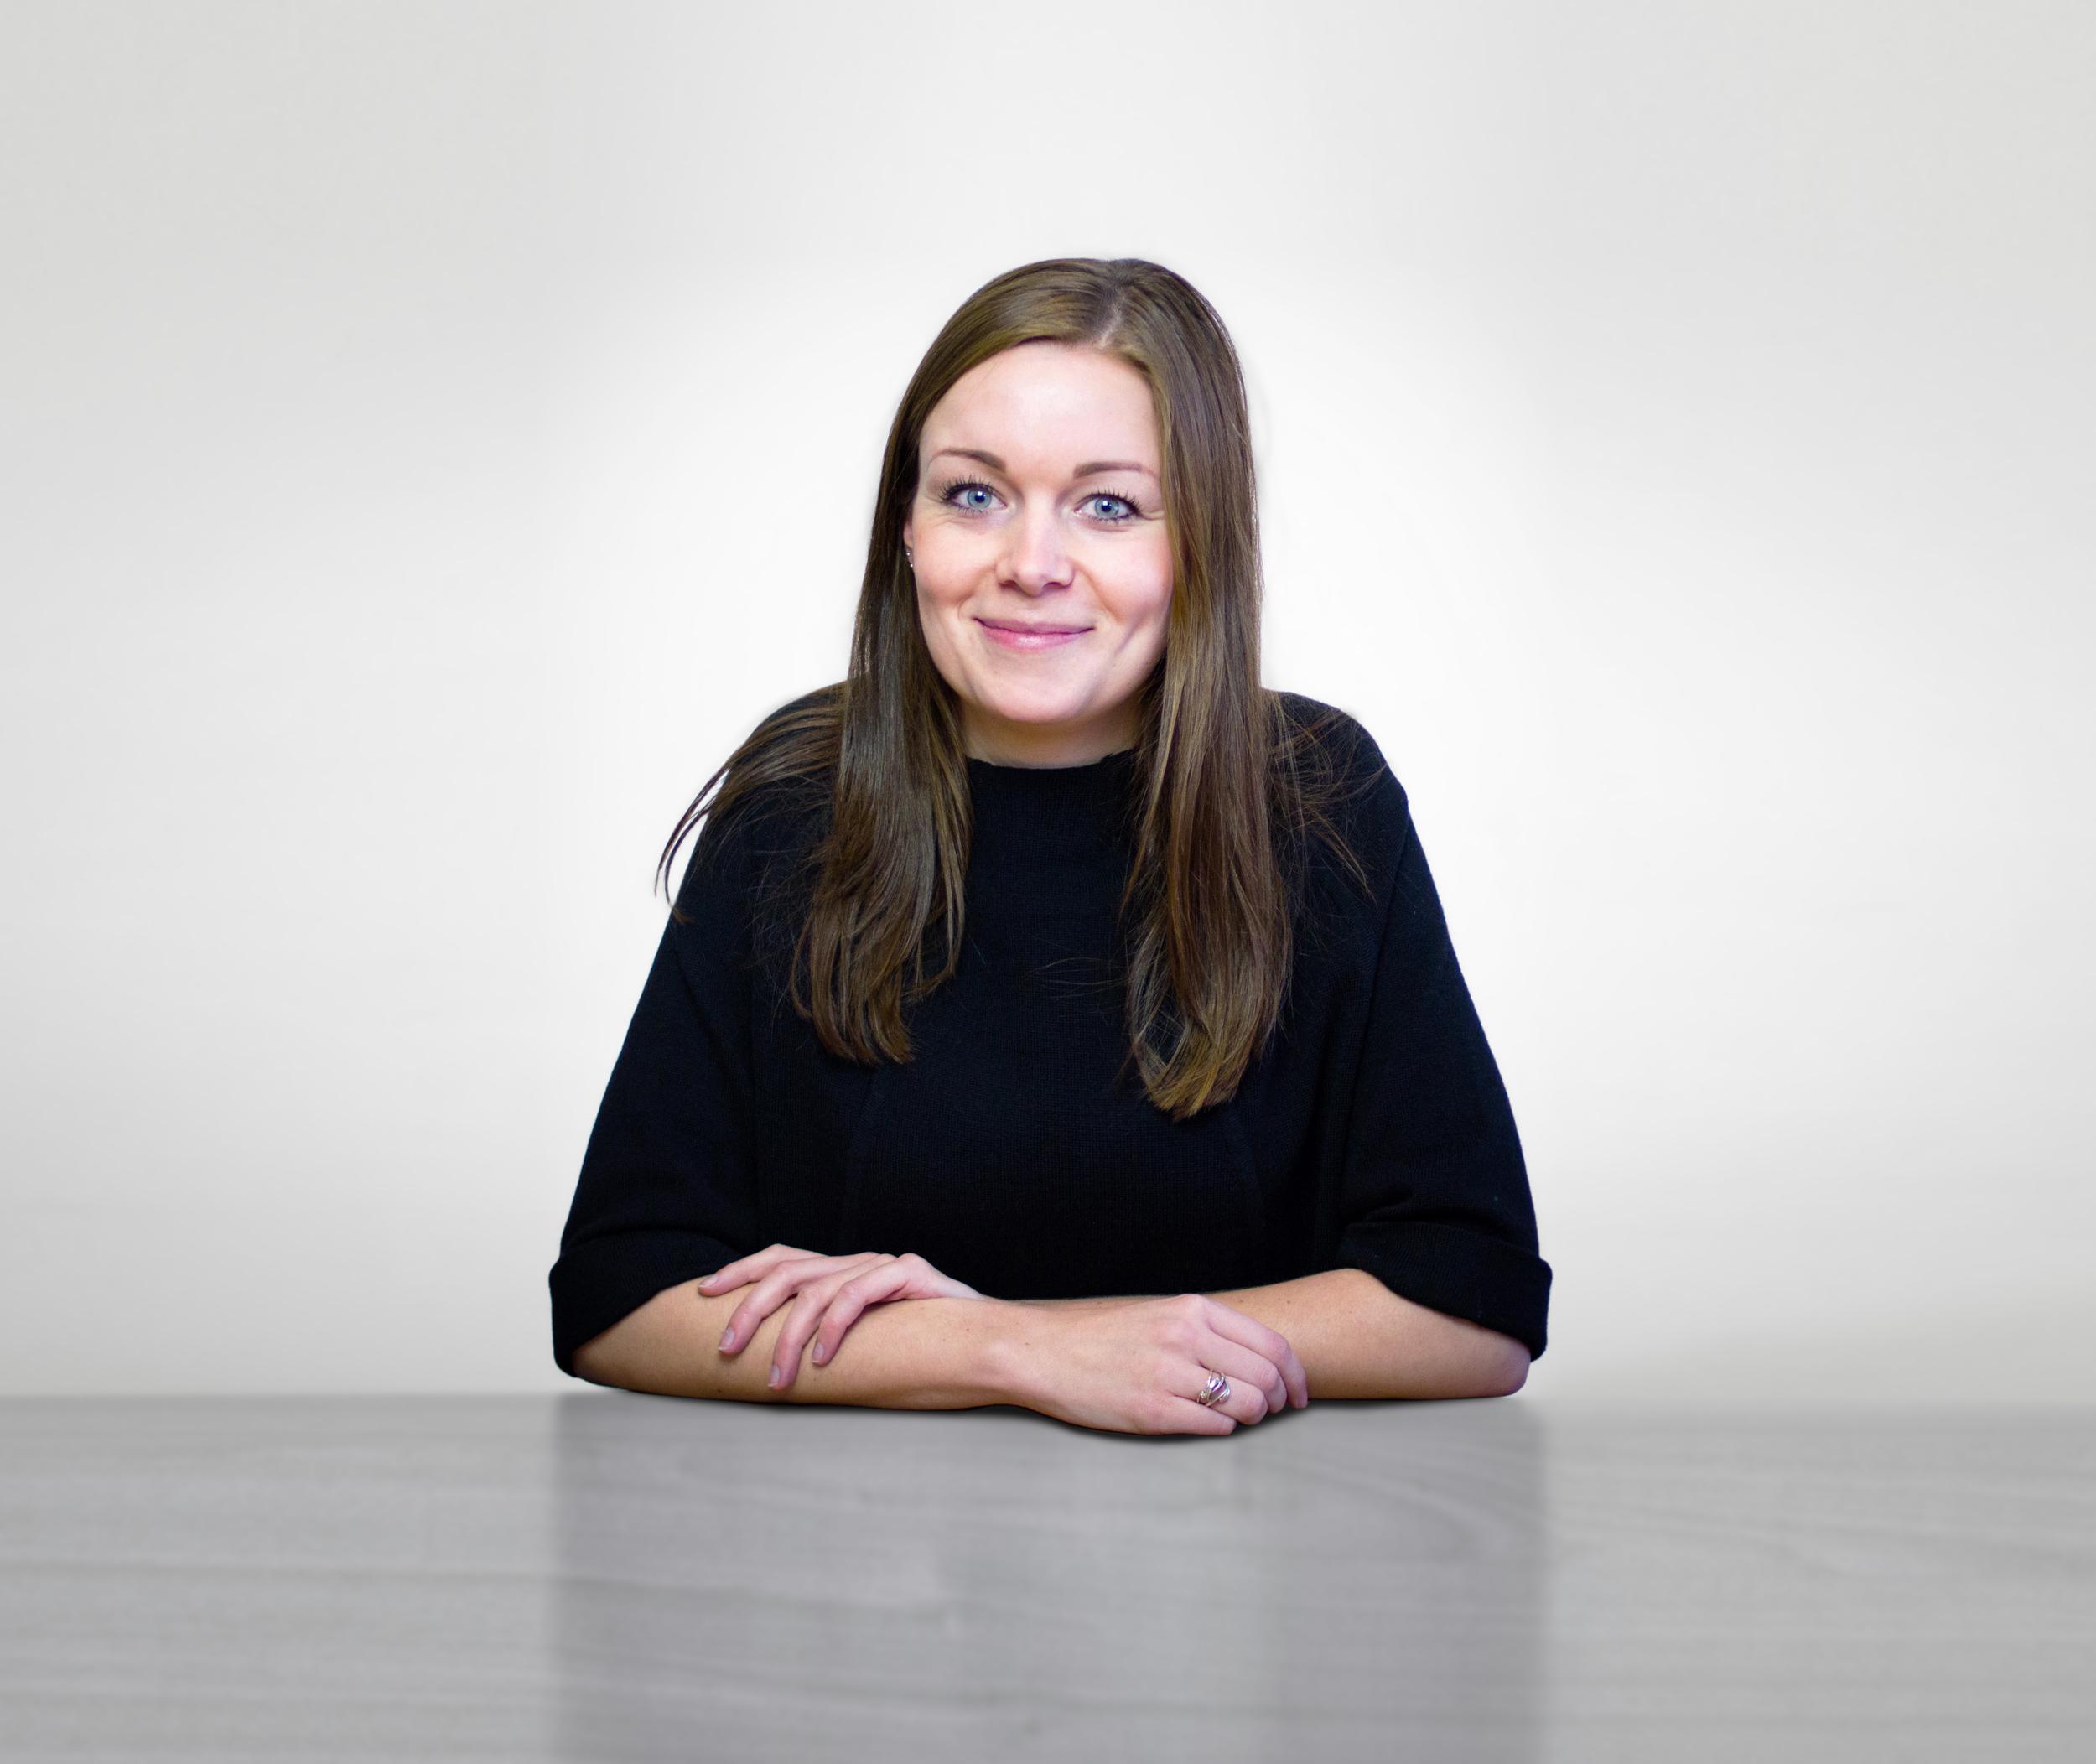 Leonie Tenthof van Noorden, industrial designer